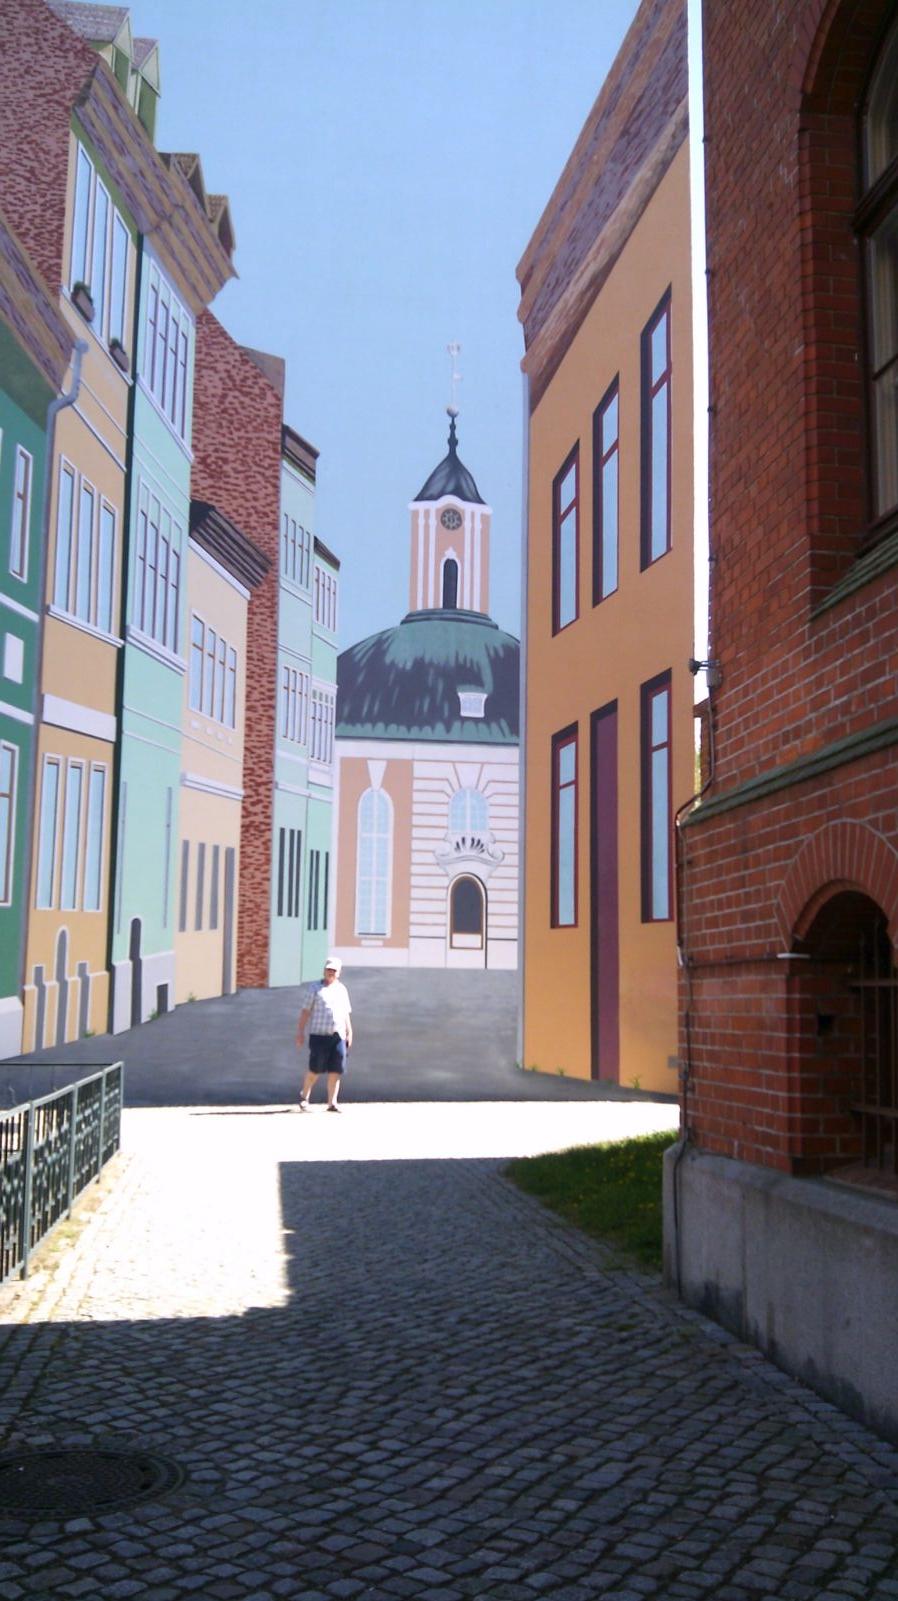 Die gemalte Kirche in Schwedt - sieht echt echt aus